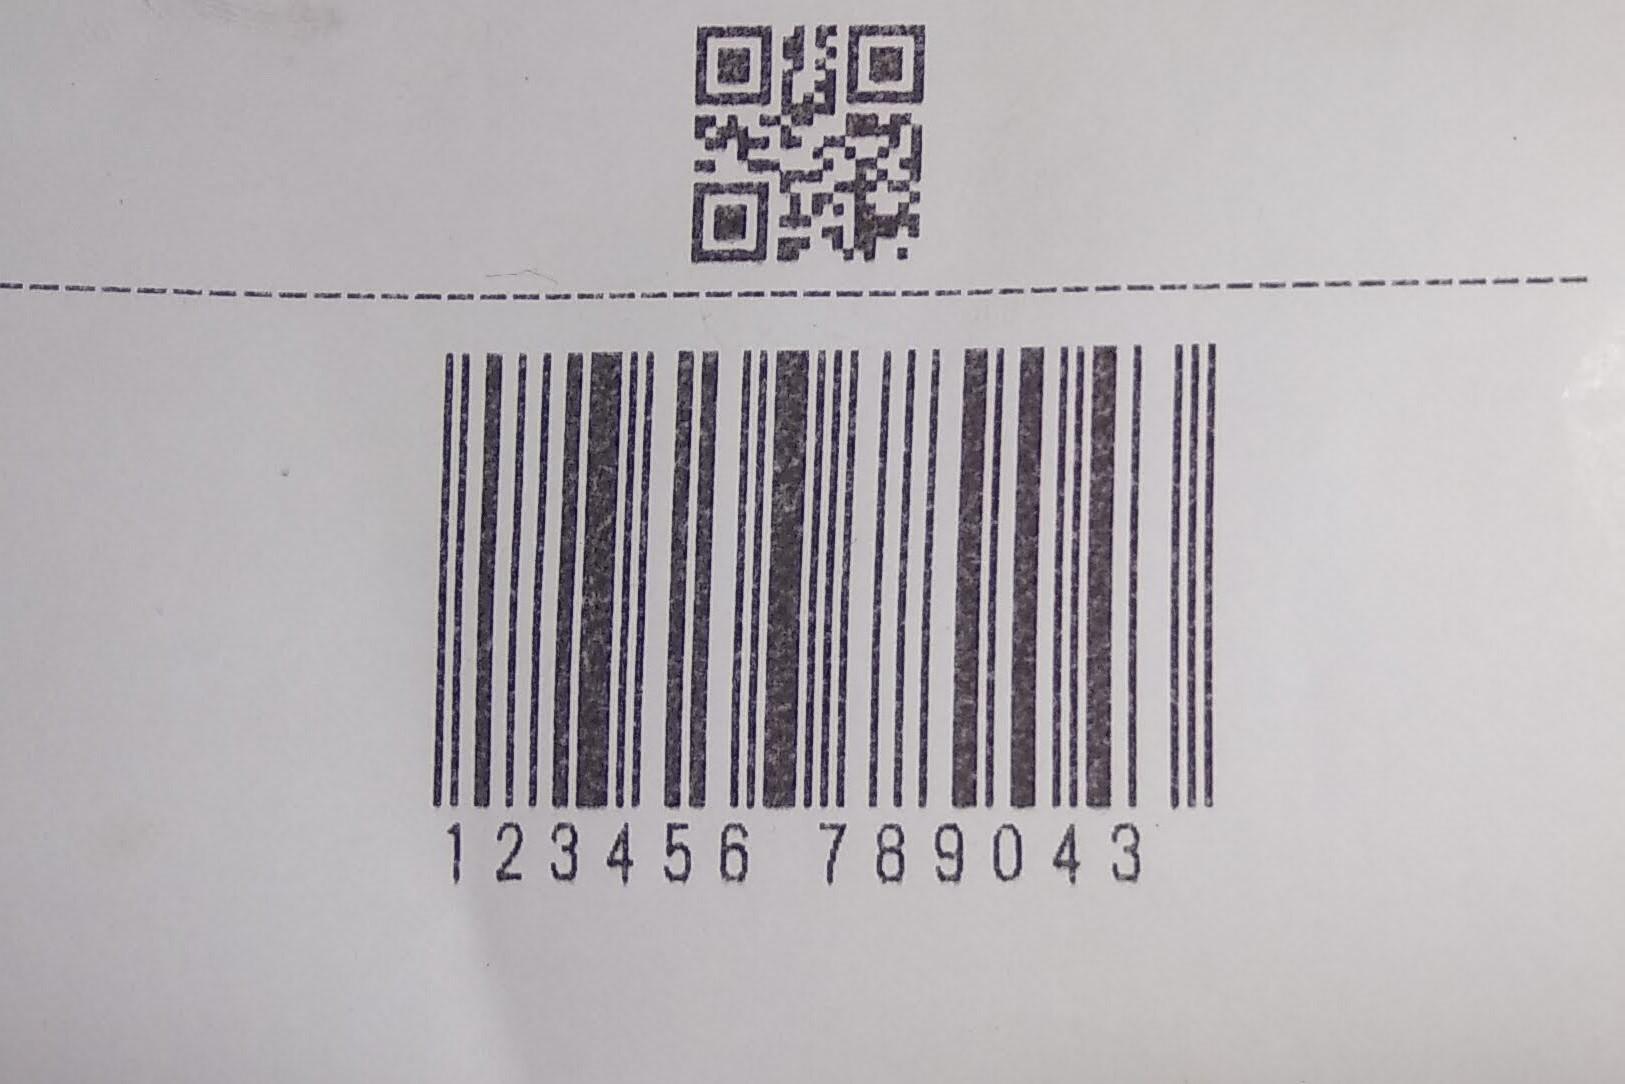 test receipt